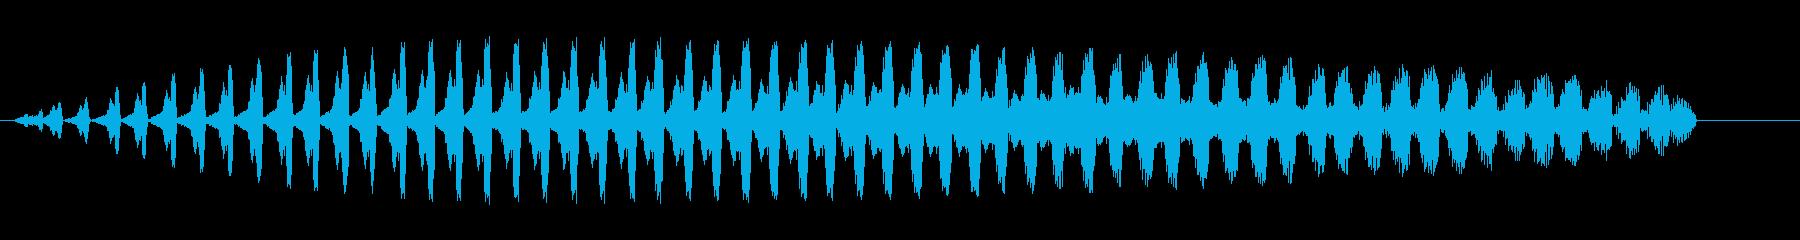 シャララ系ダウン(マリンバ)2の再生済みの波形